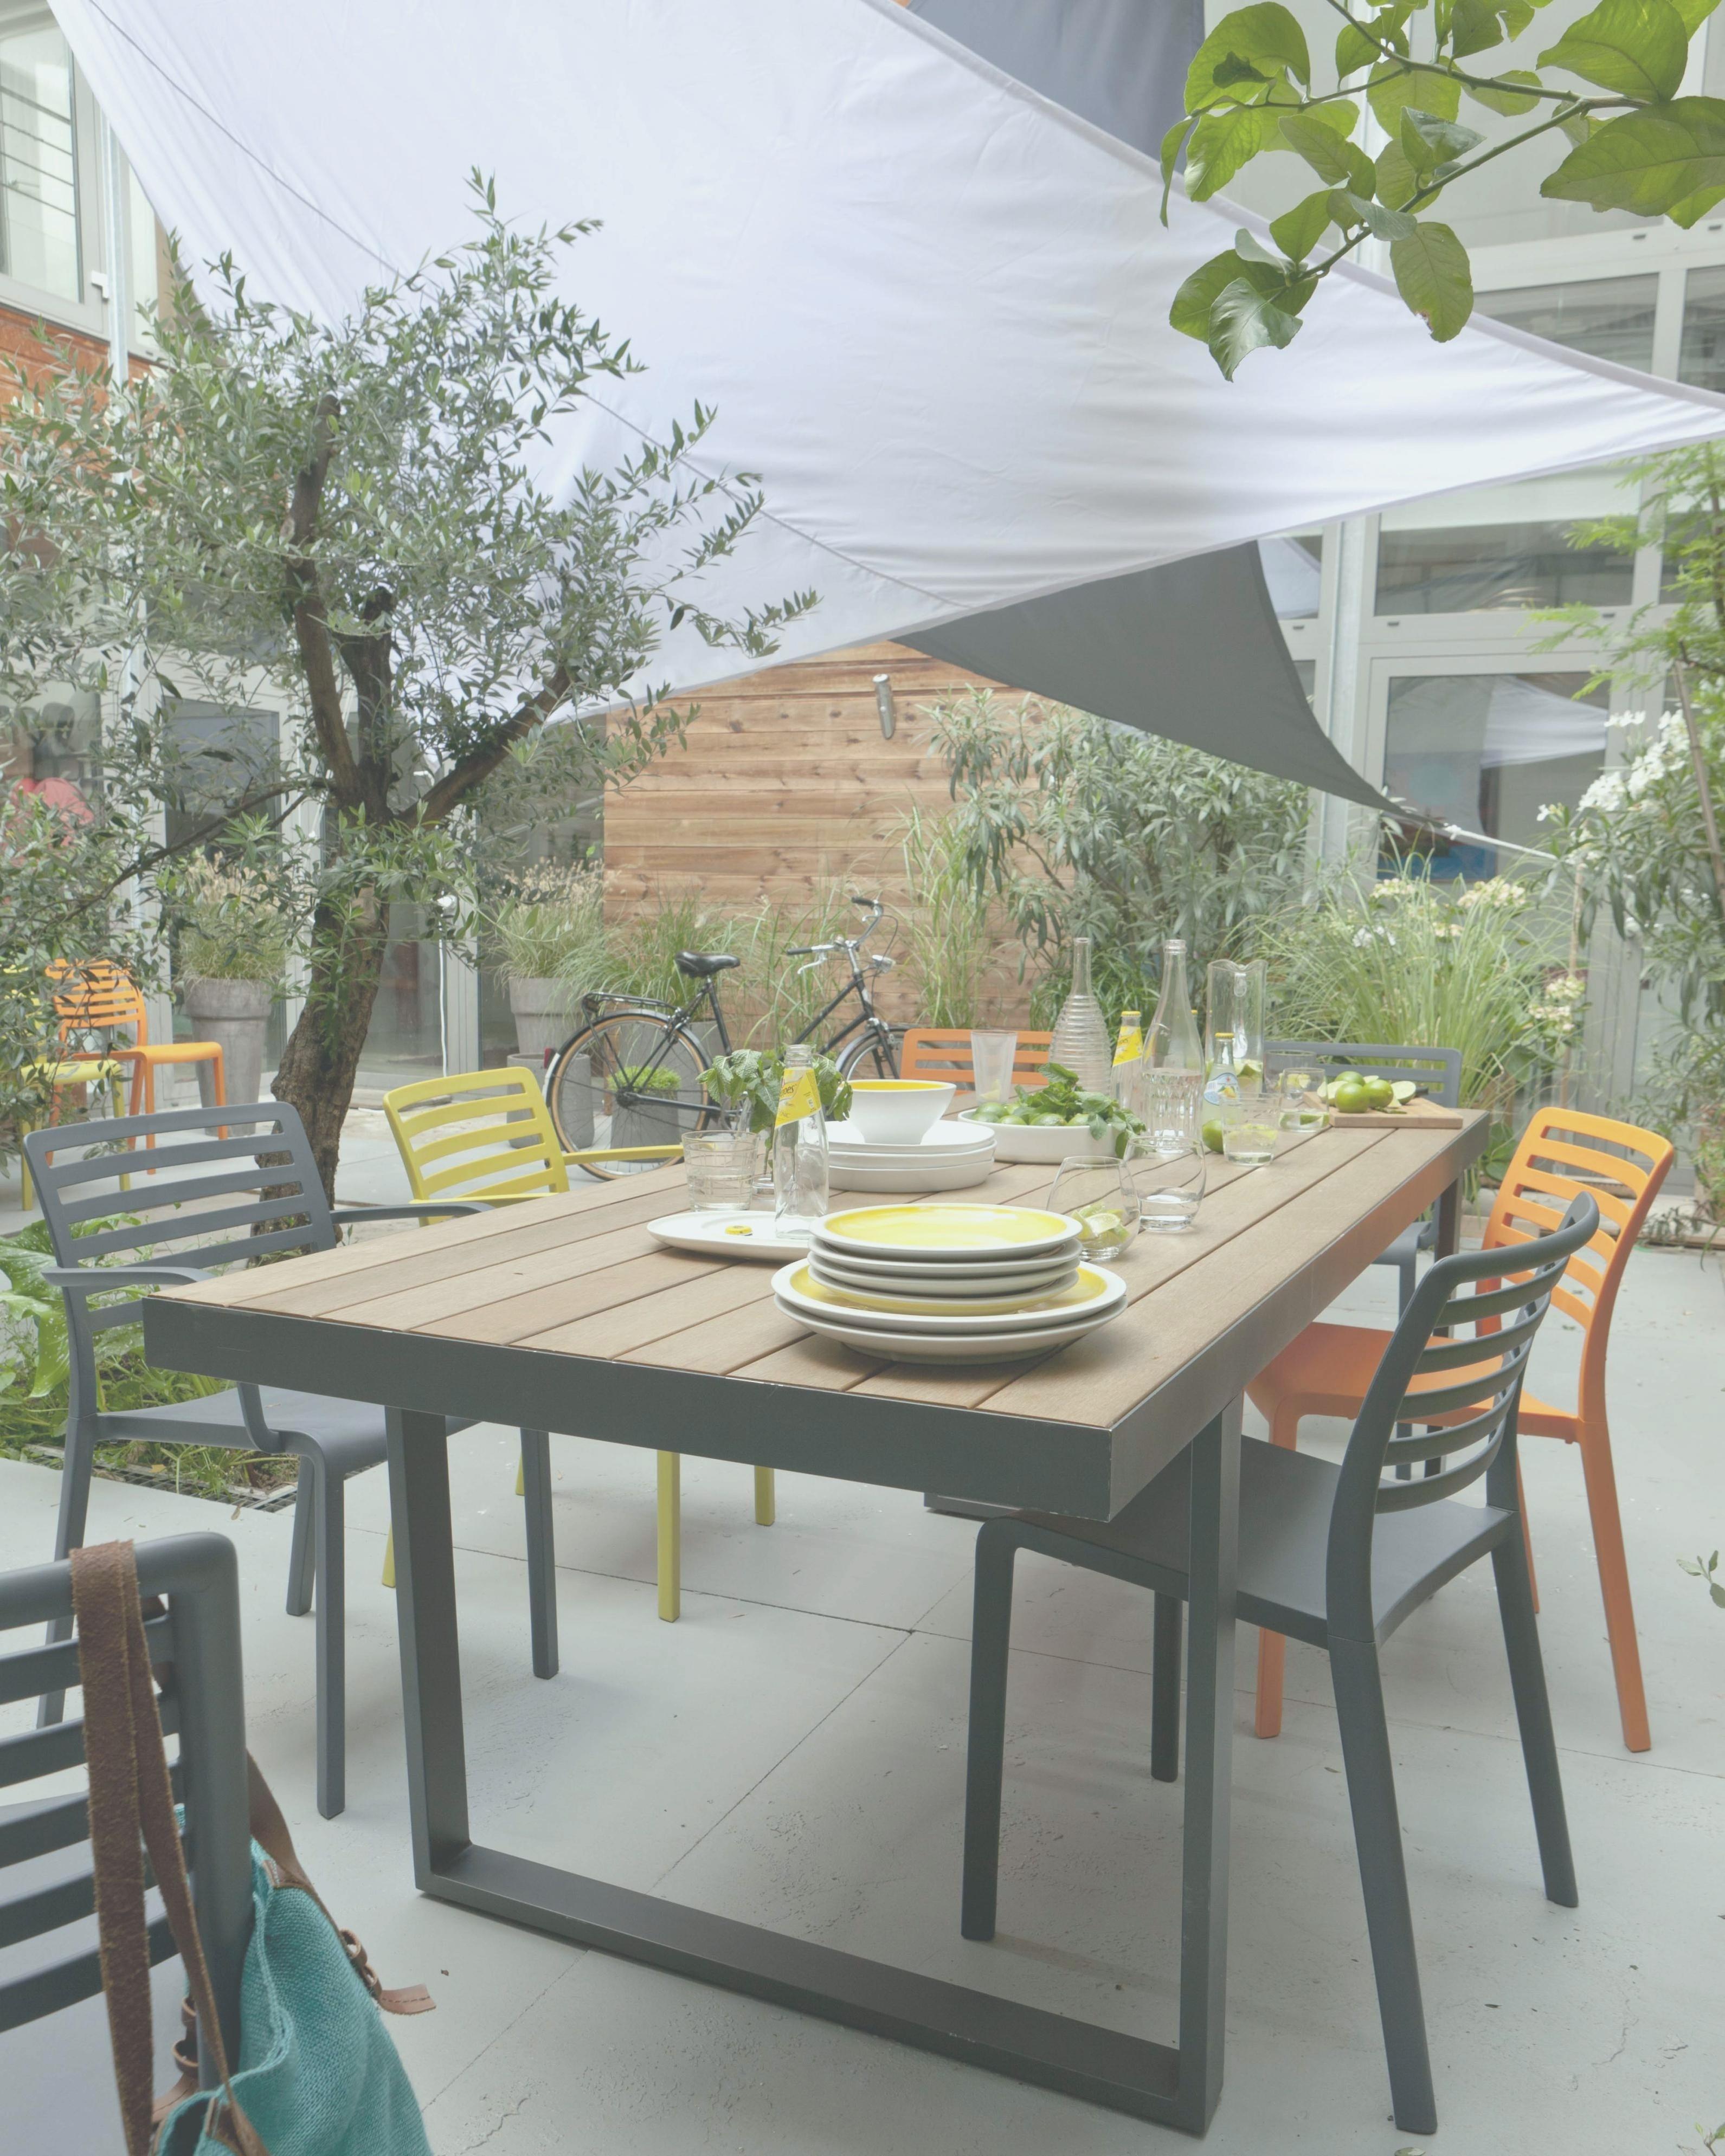 Salon Jardin Leroy Merlin Resine Impressionnant Image Salon Jardin Resine Luxe Salon De Jardin Leroy Merlin Resine Idées